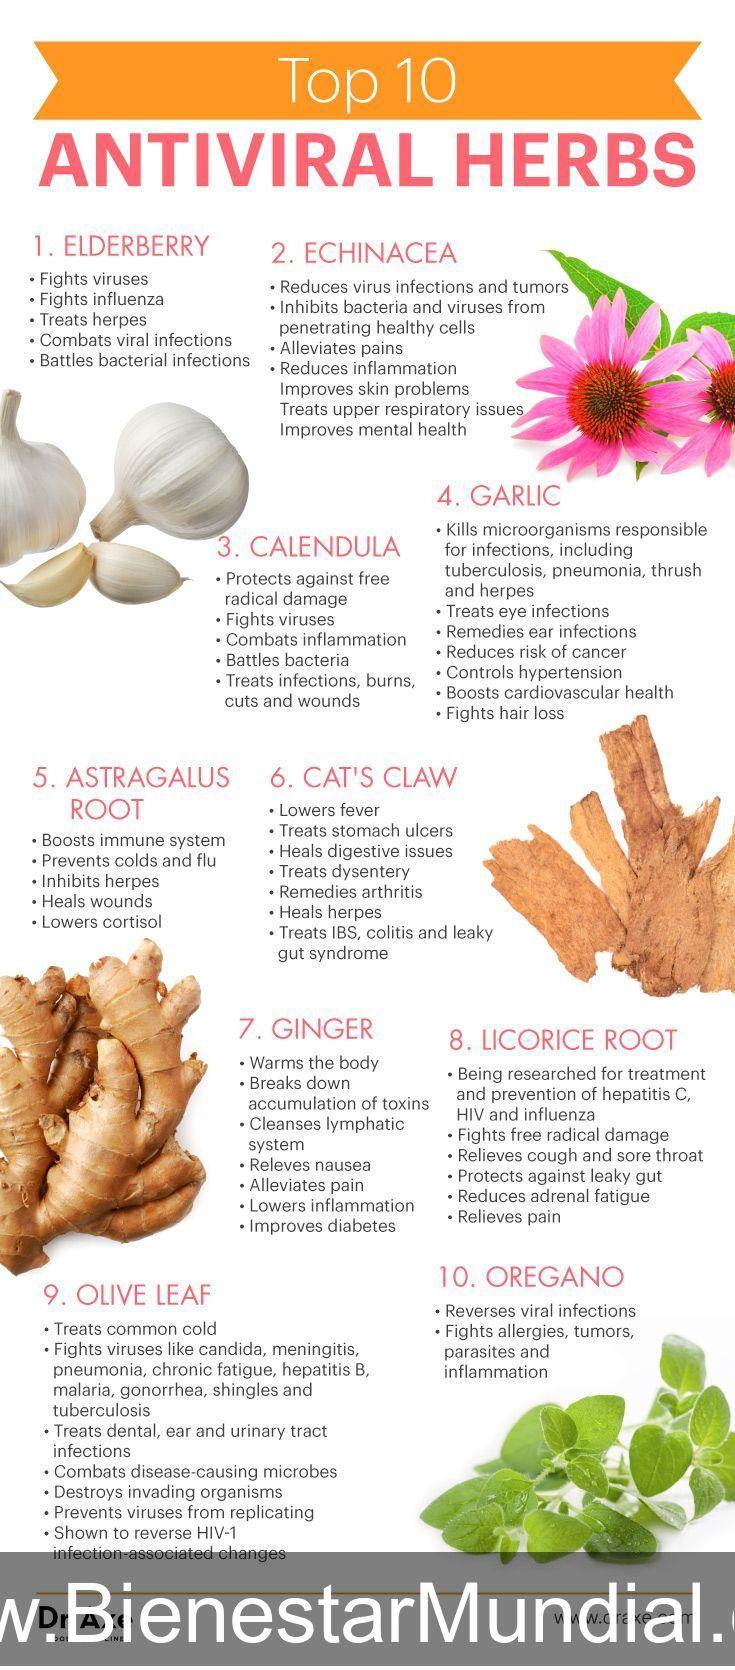 Top 10 antiviral herbs - Dr. Axe #nutrition #fitness #workout #weightloss